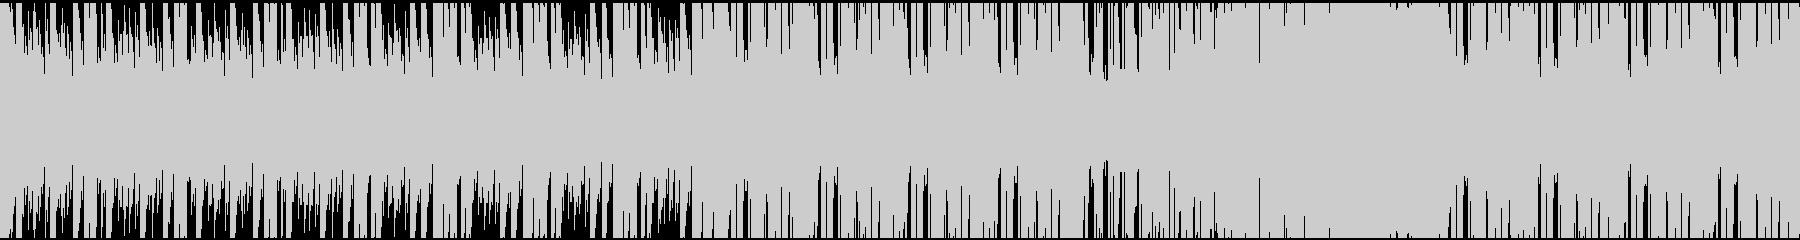 ゲーム・戦闘・ピアノ・シリアス・ループの未再生の波形